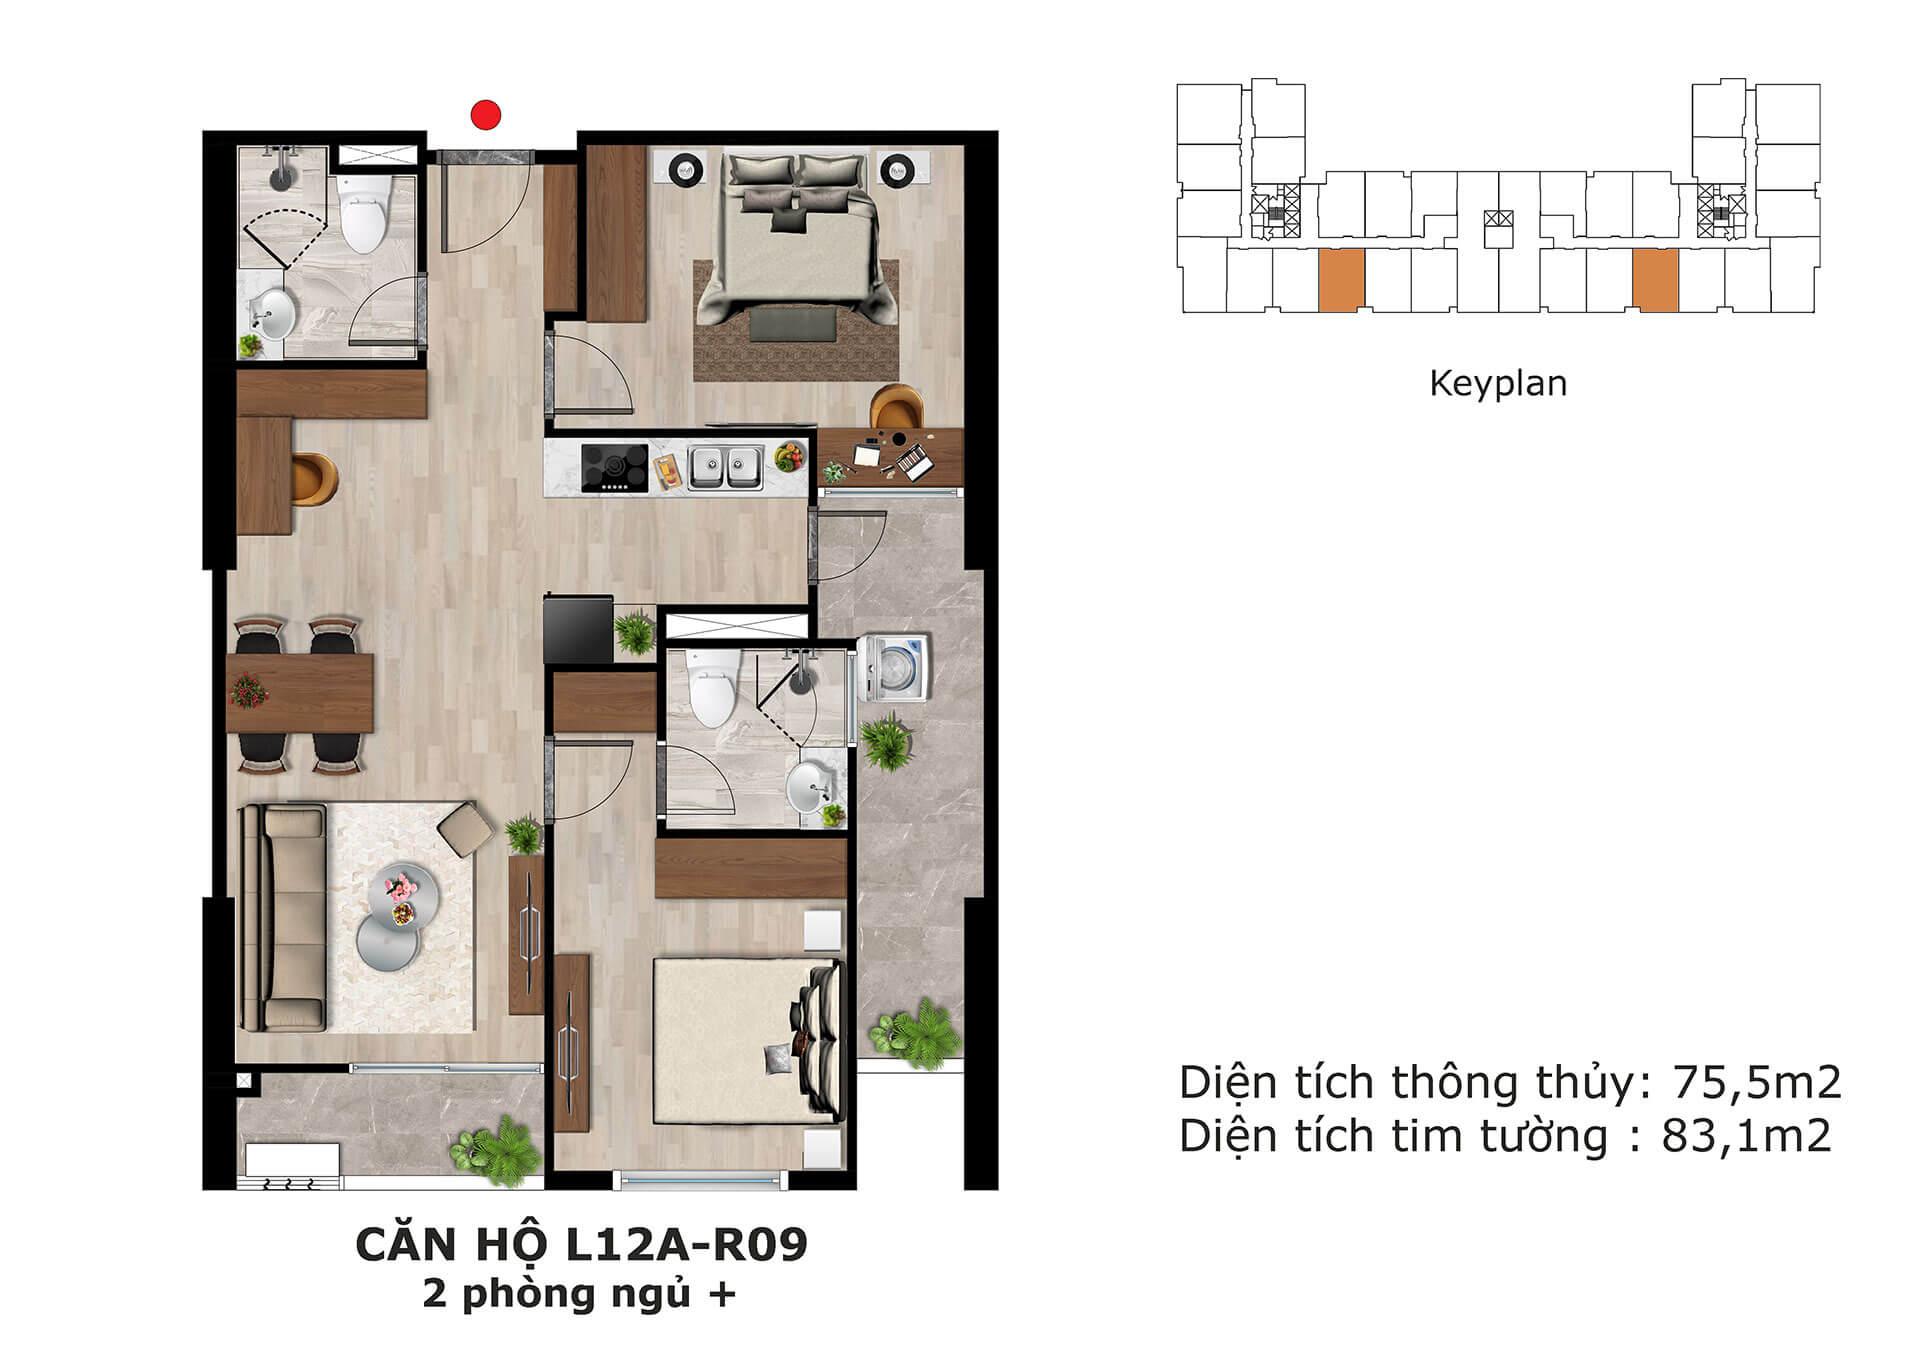 thiết kế căn hộ l13 dự án eden garden thái bình